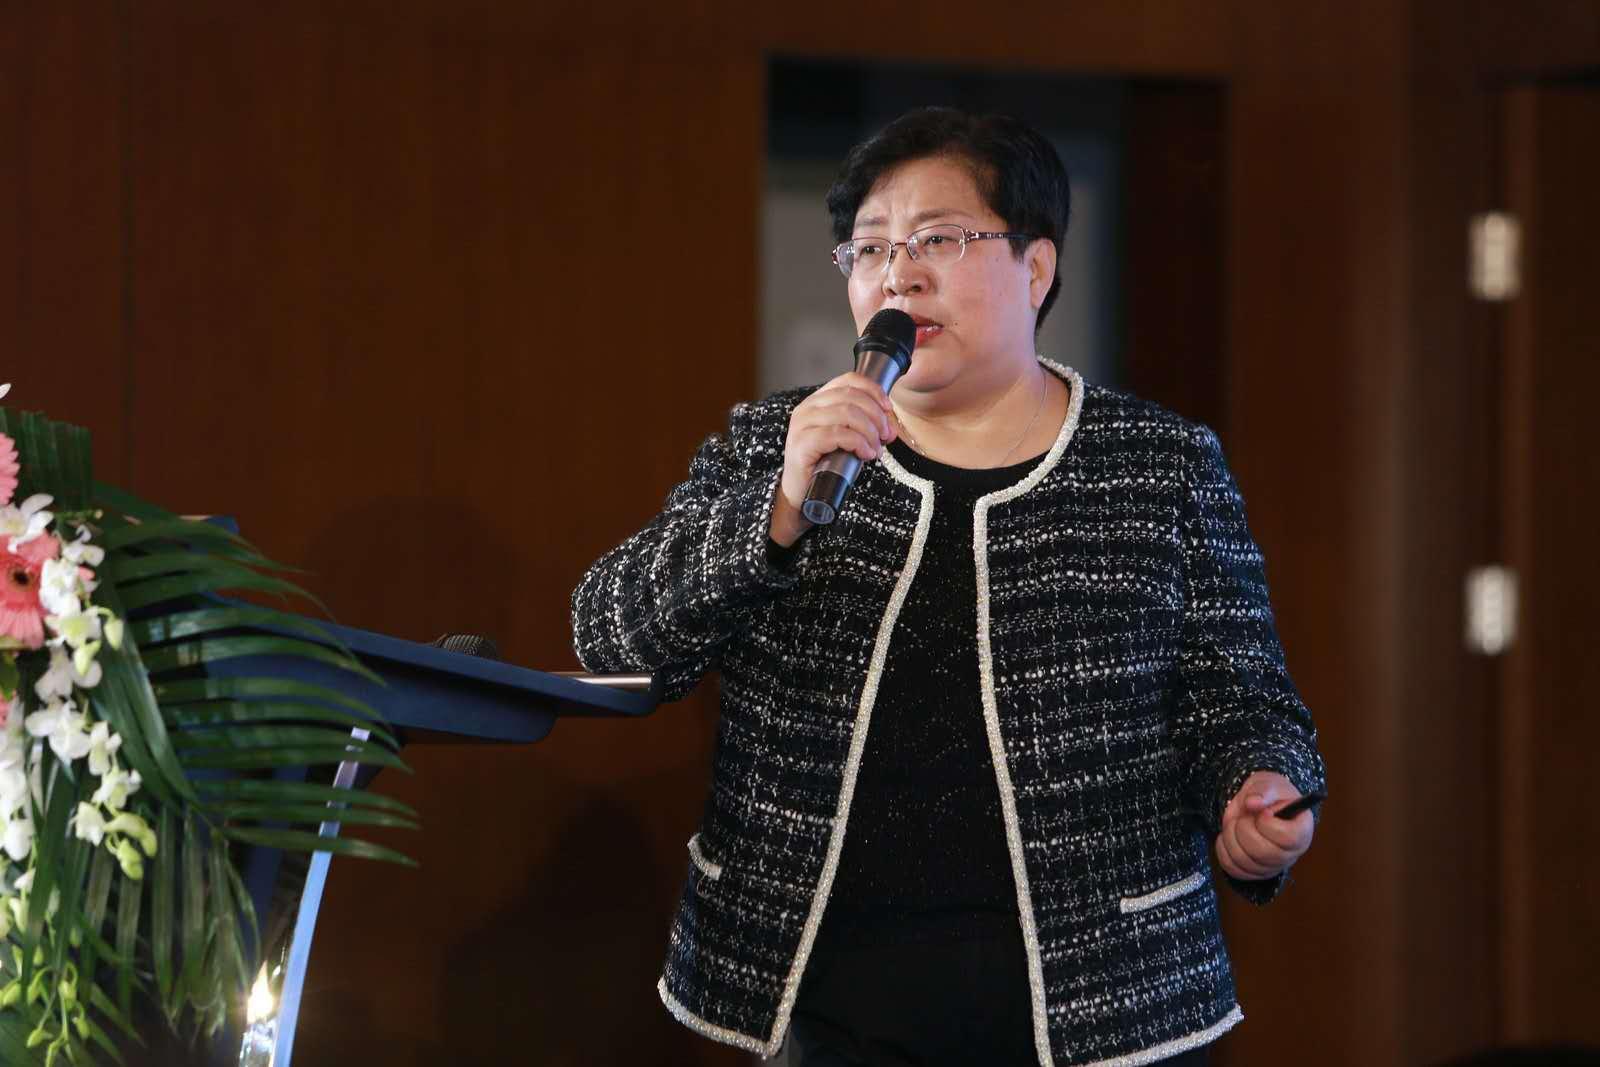 代表:建议将收买被拐妇女新发案件纳入地方政府考核图片